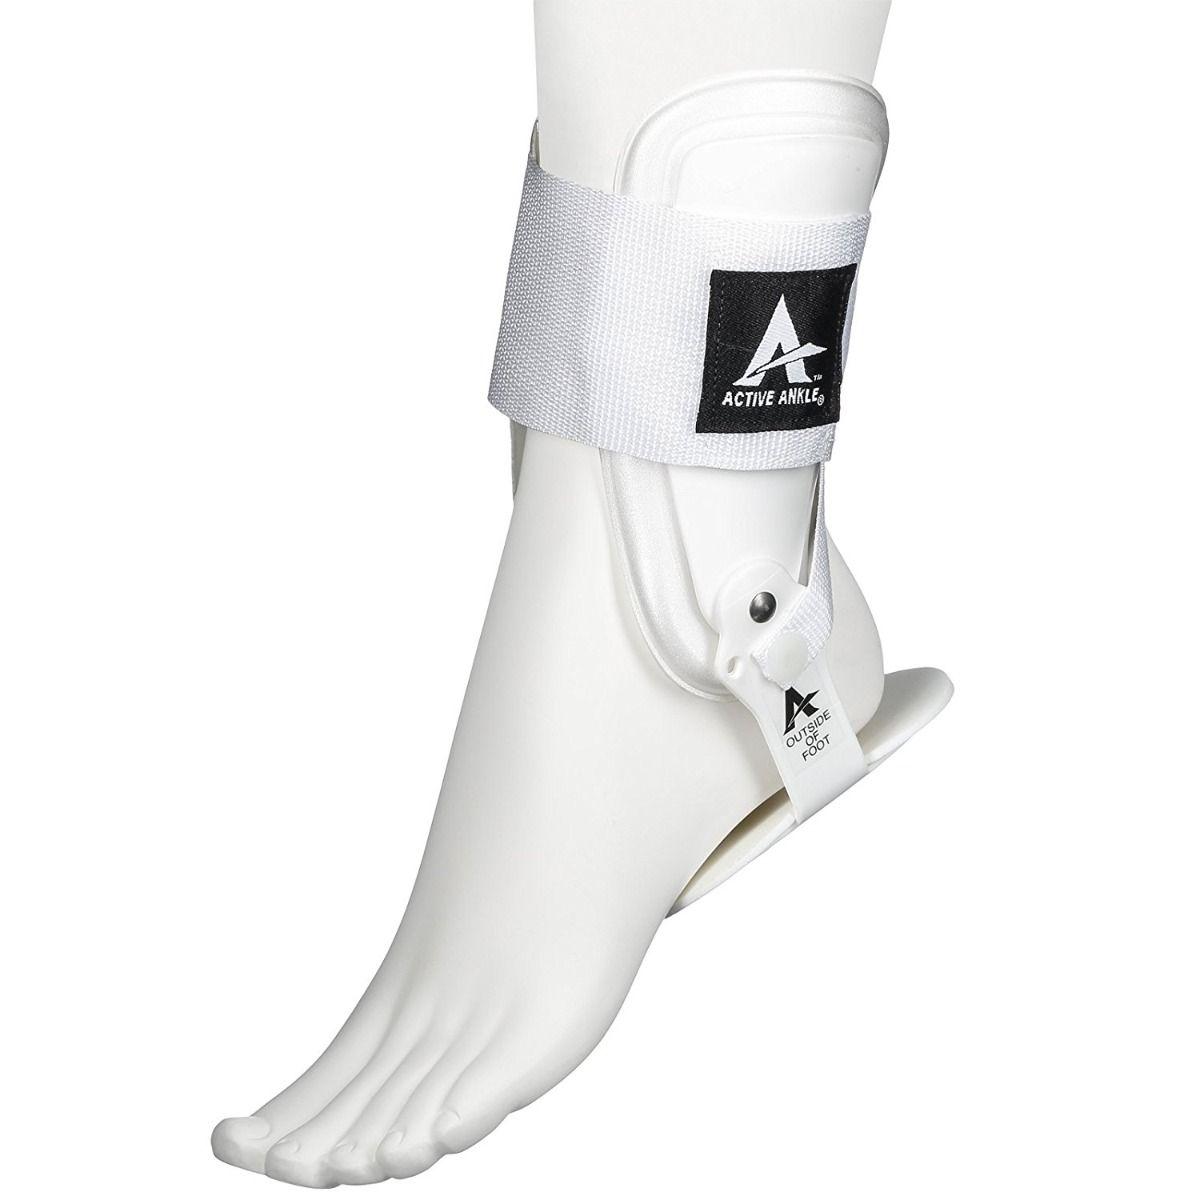 White Active Ankle T2 rigid brace